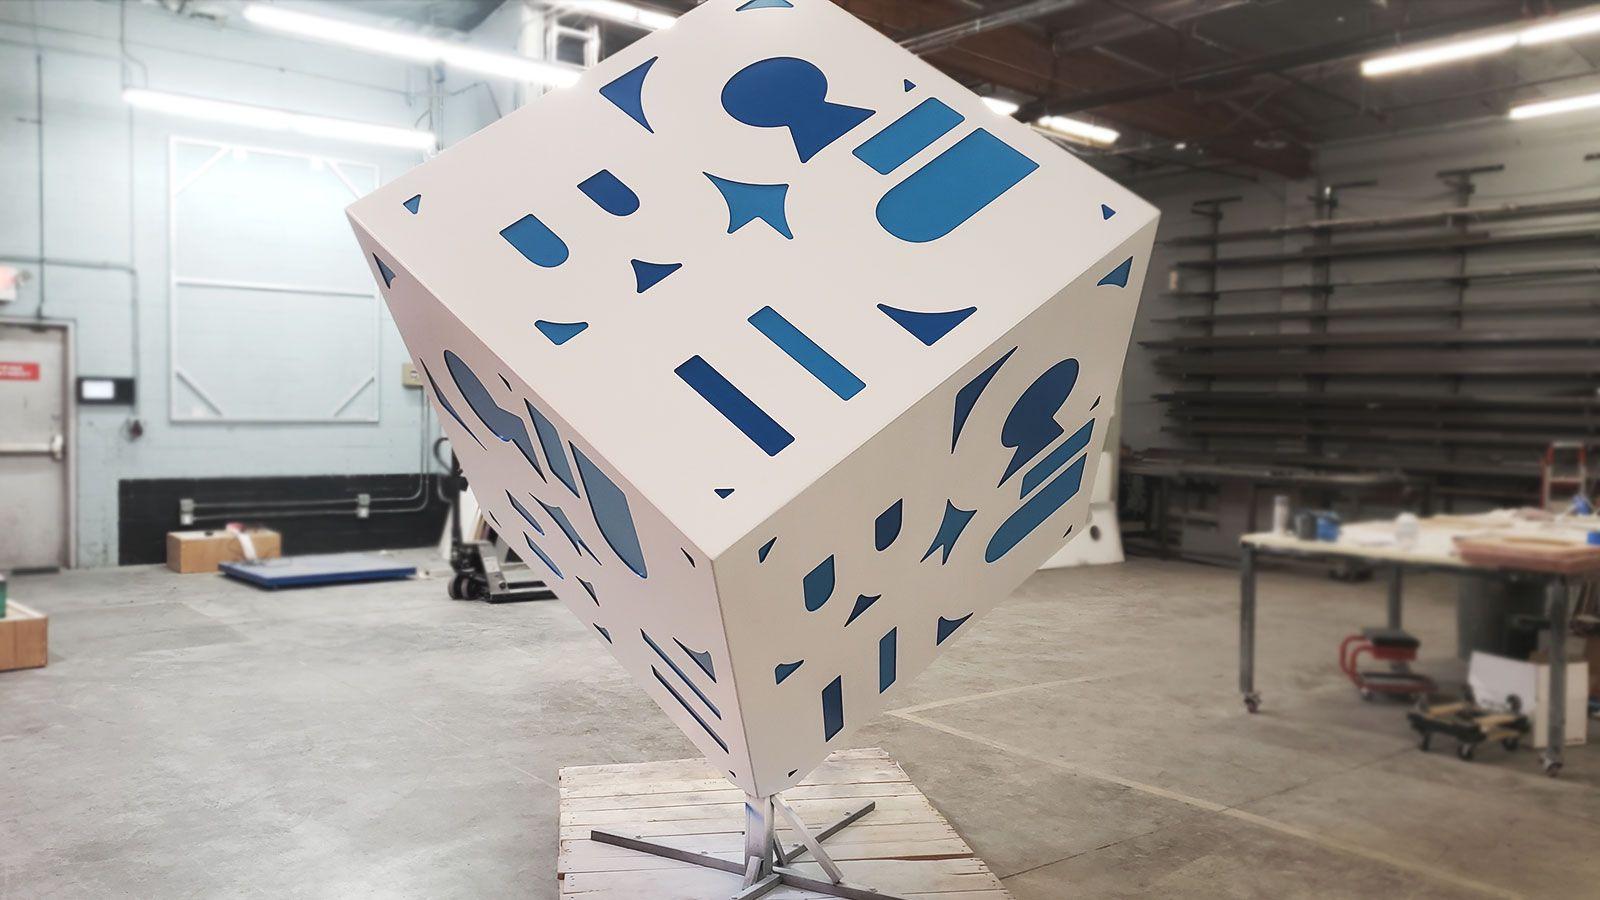 the cube aluminum sign